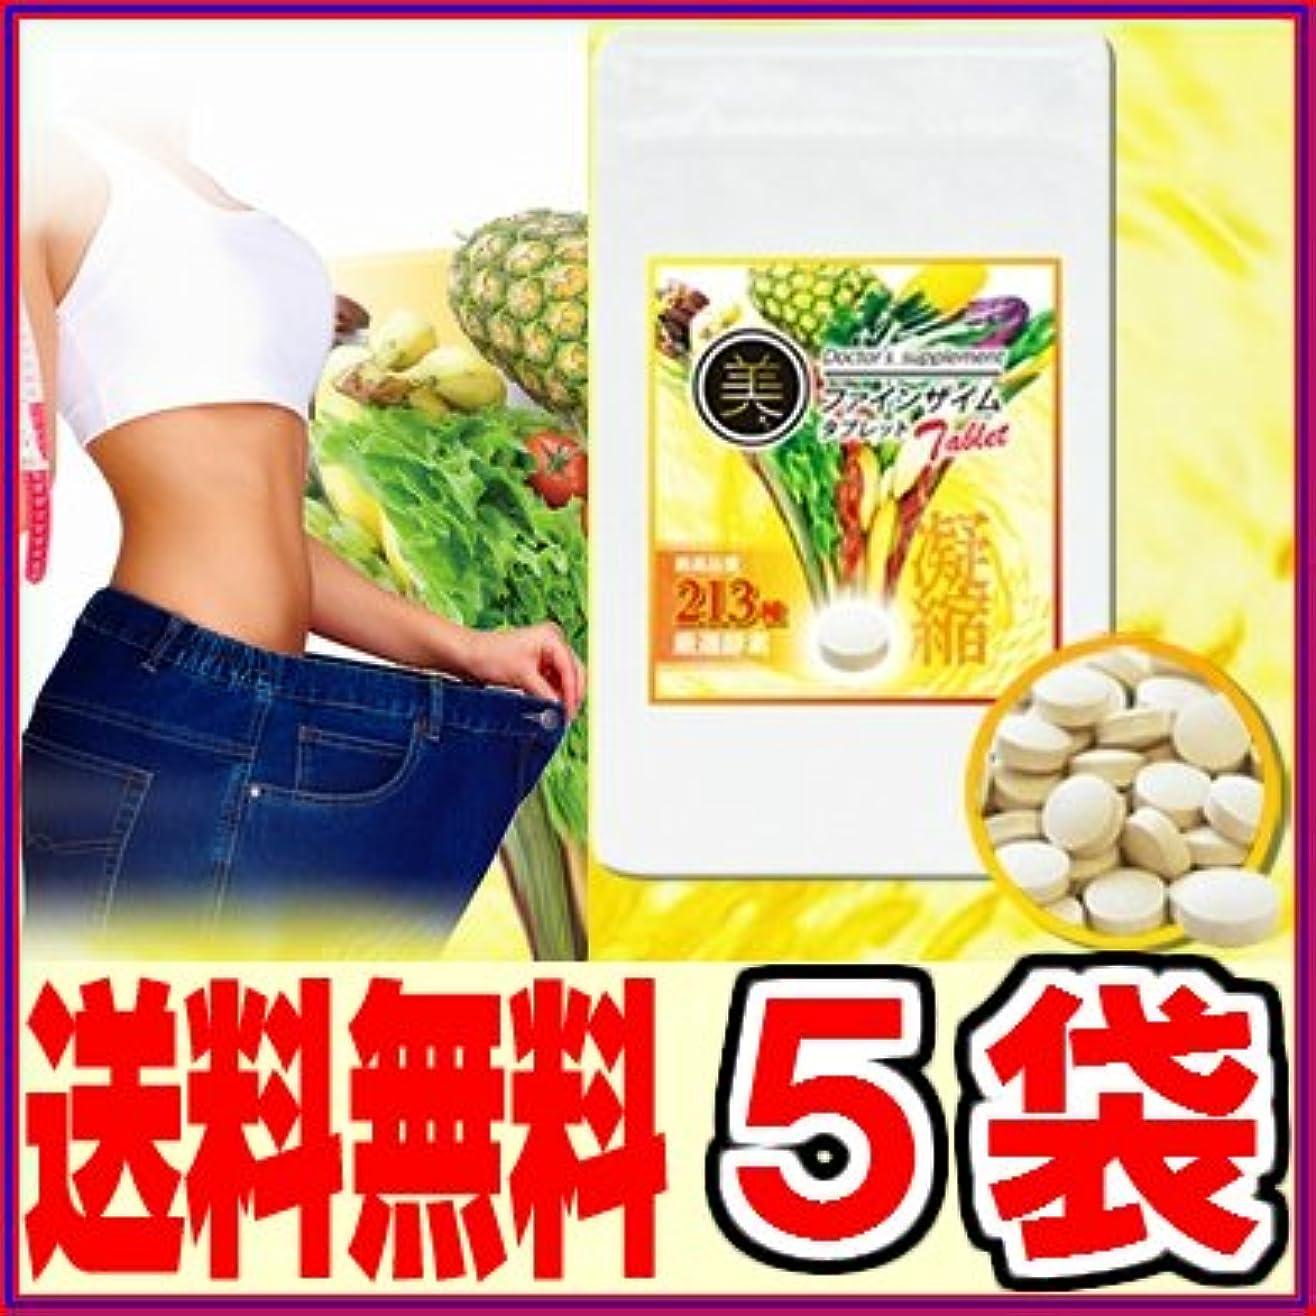 美?ファインザイム タブレット90粒 ×超お得5袋セット《酵素、ダイエット、エステ、213種酵素、酵素ダイエット、マイクロ、リコピン、レスベラトロール》